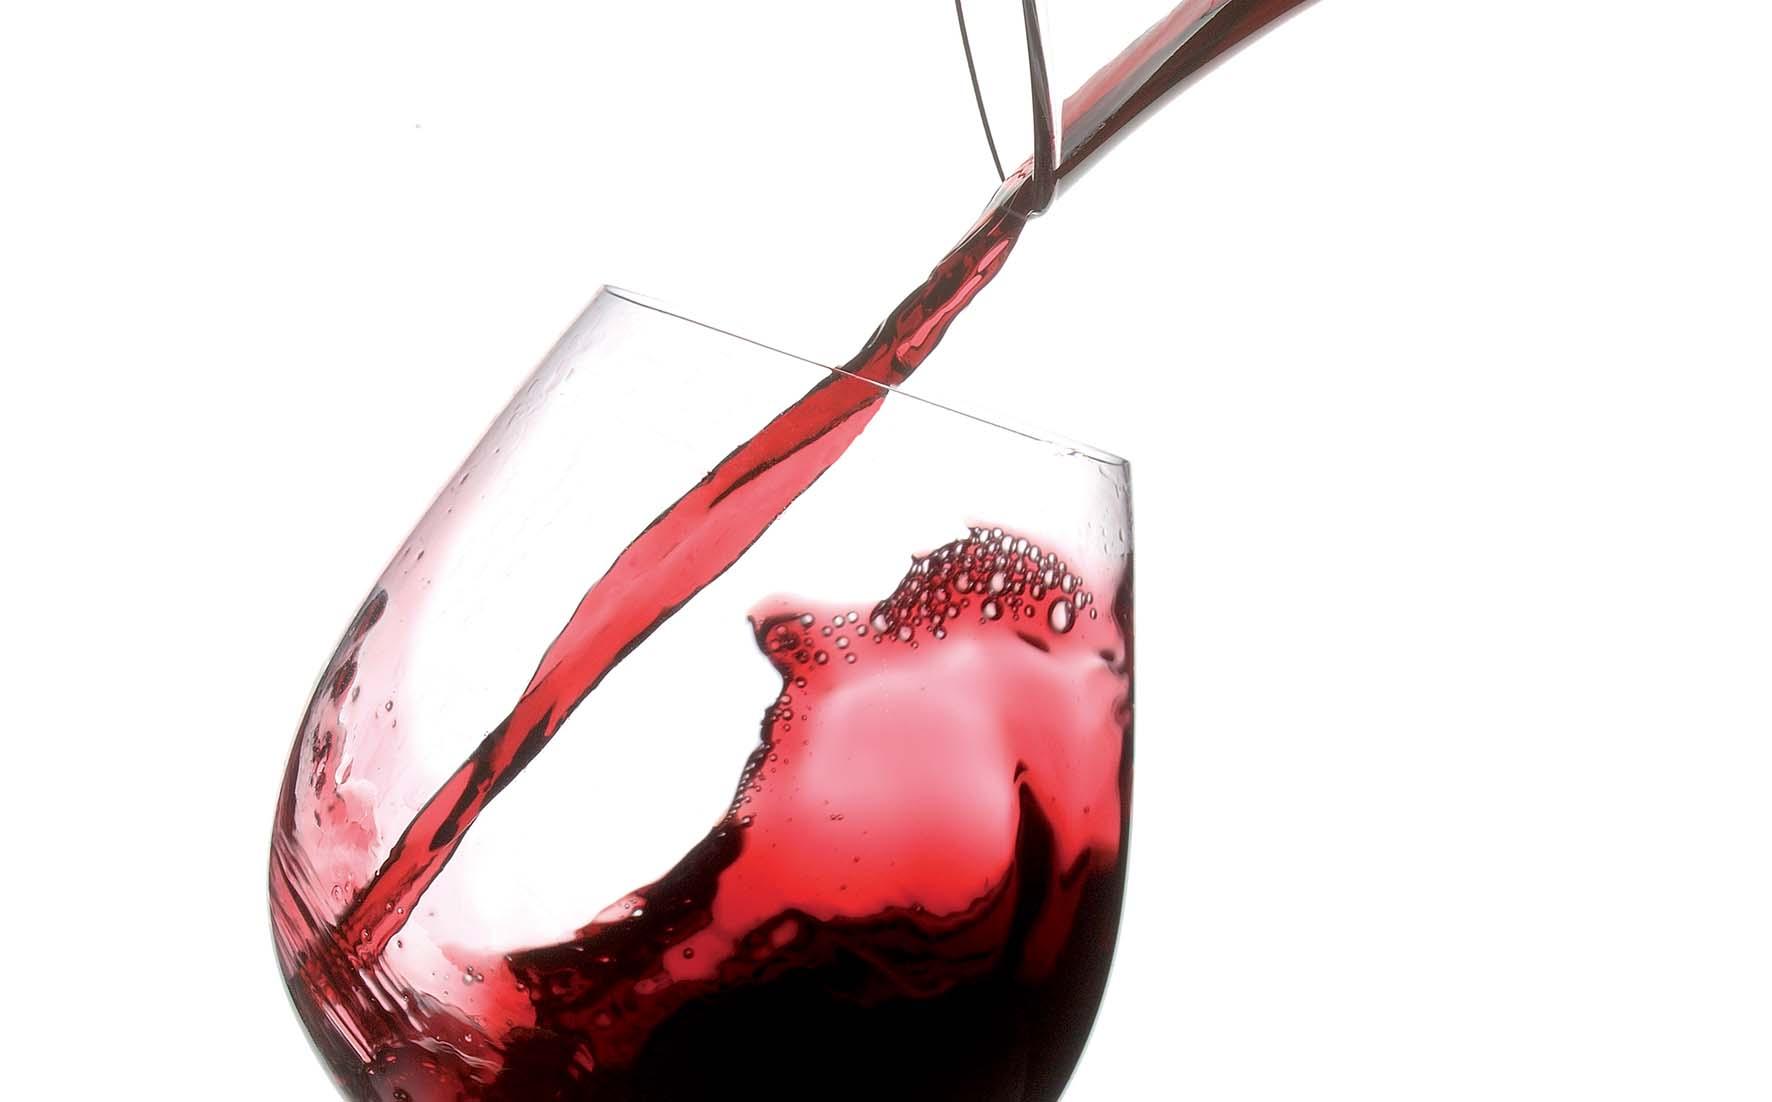 apt trento foto Baroni Vino rosso Bicchiere e decanter